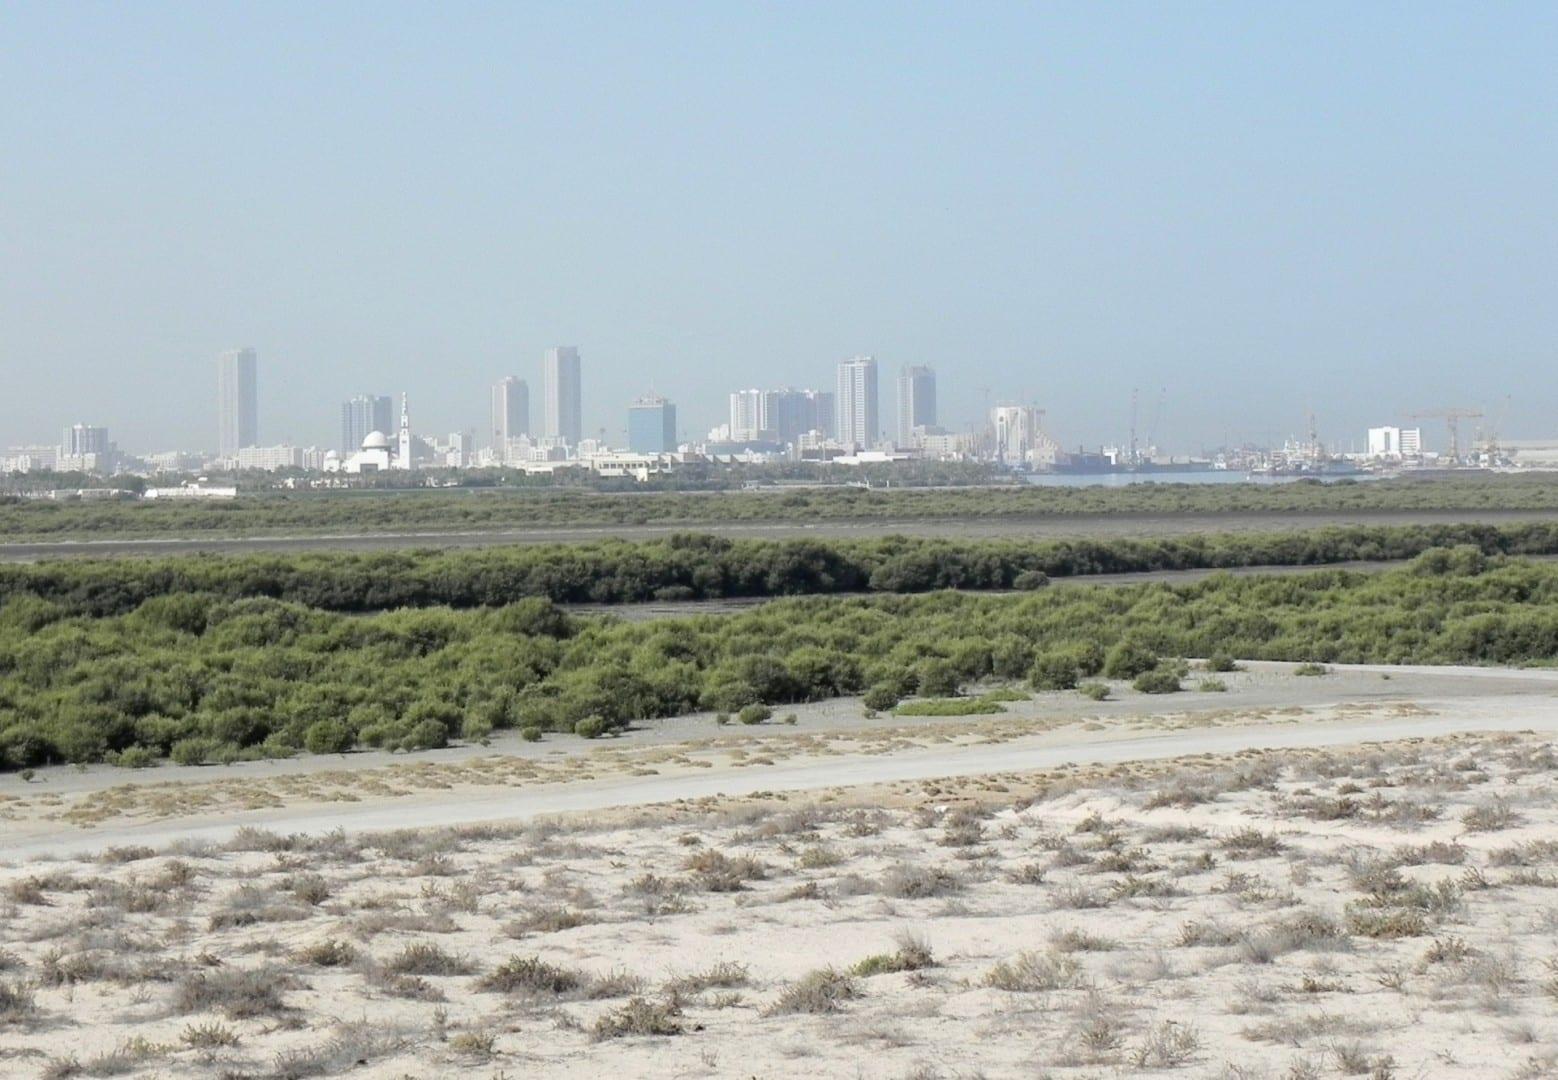 Los manglares, con la ciudad de Umm al Quwain (como se veía en 2012) en la distancia Um al Quwain Emiratos Árabes Unidos